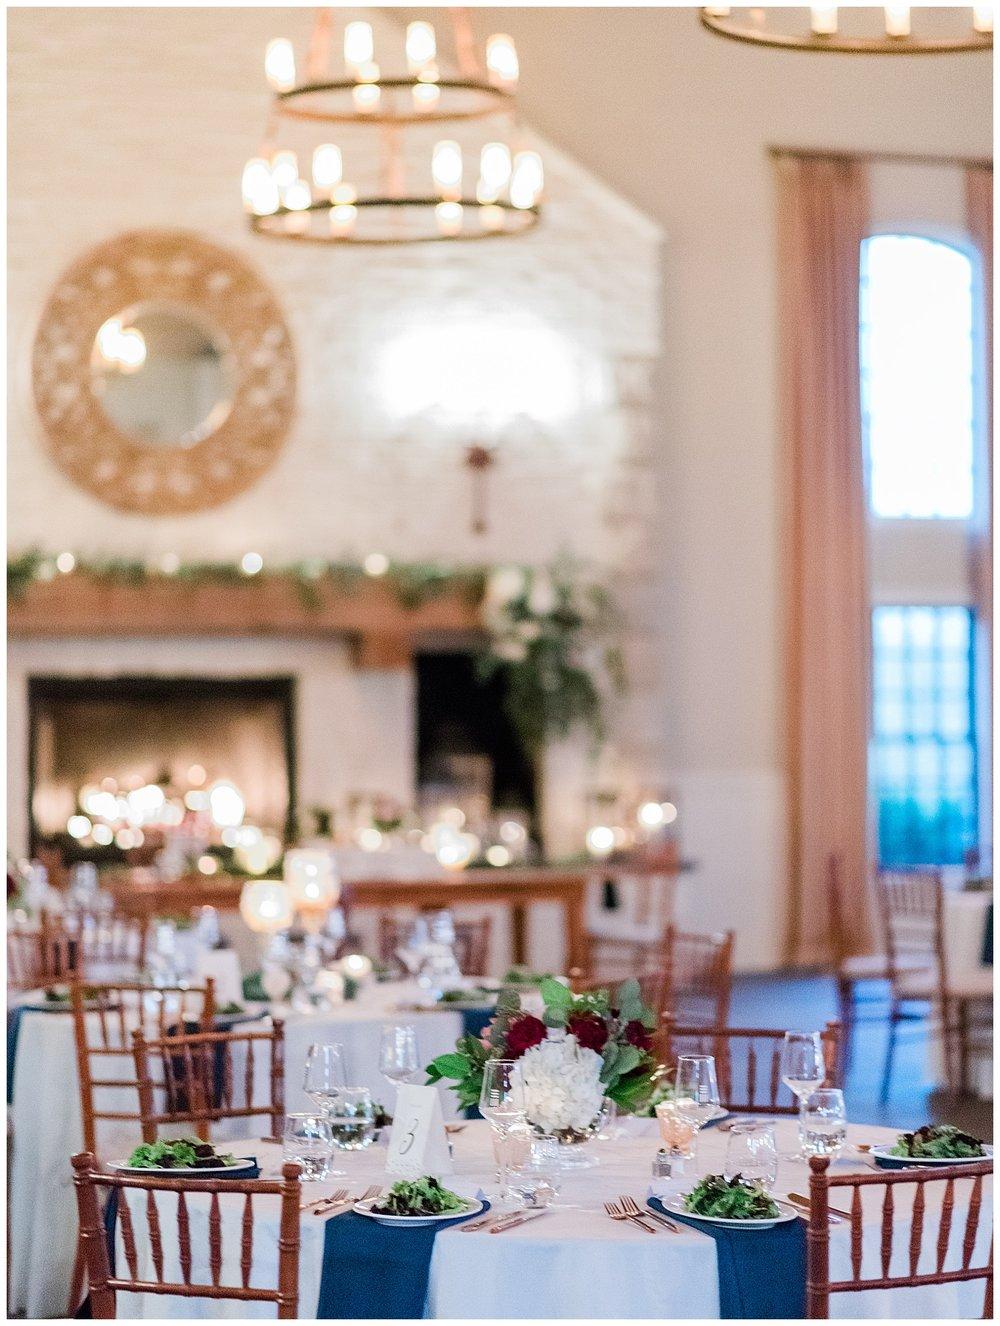 Early Mountain Vineyards Wedding Reception - Charlottesville, VA